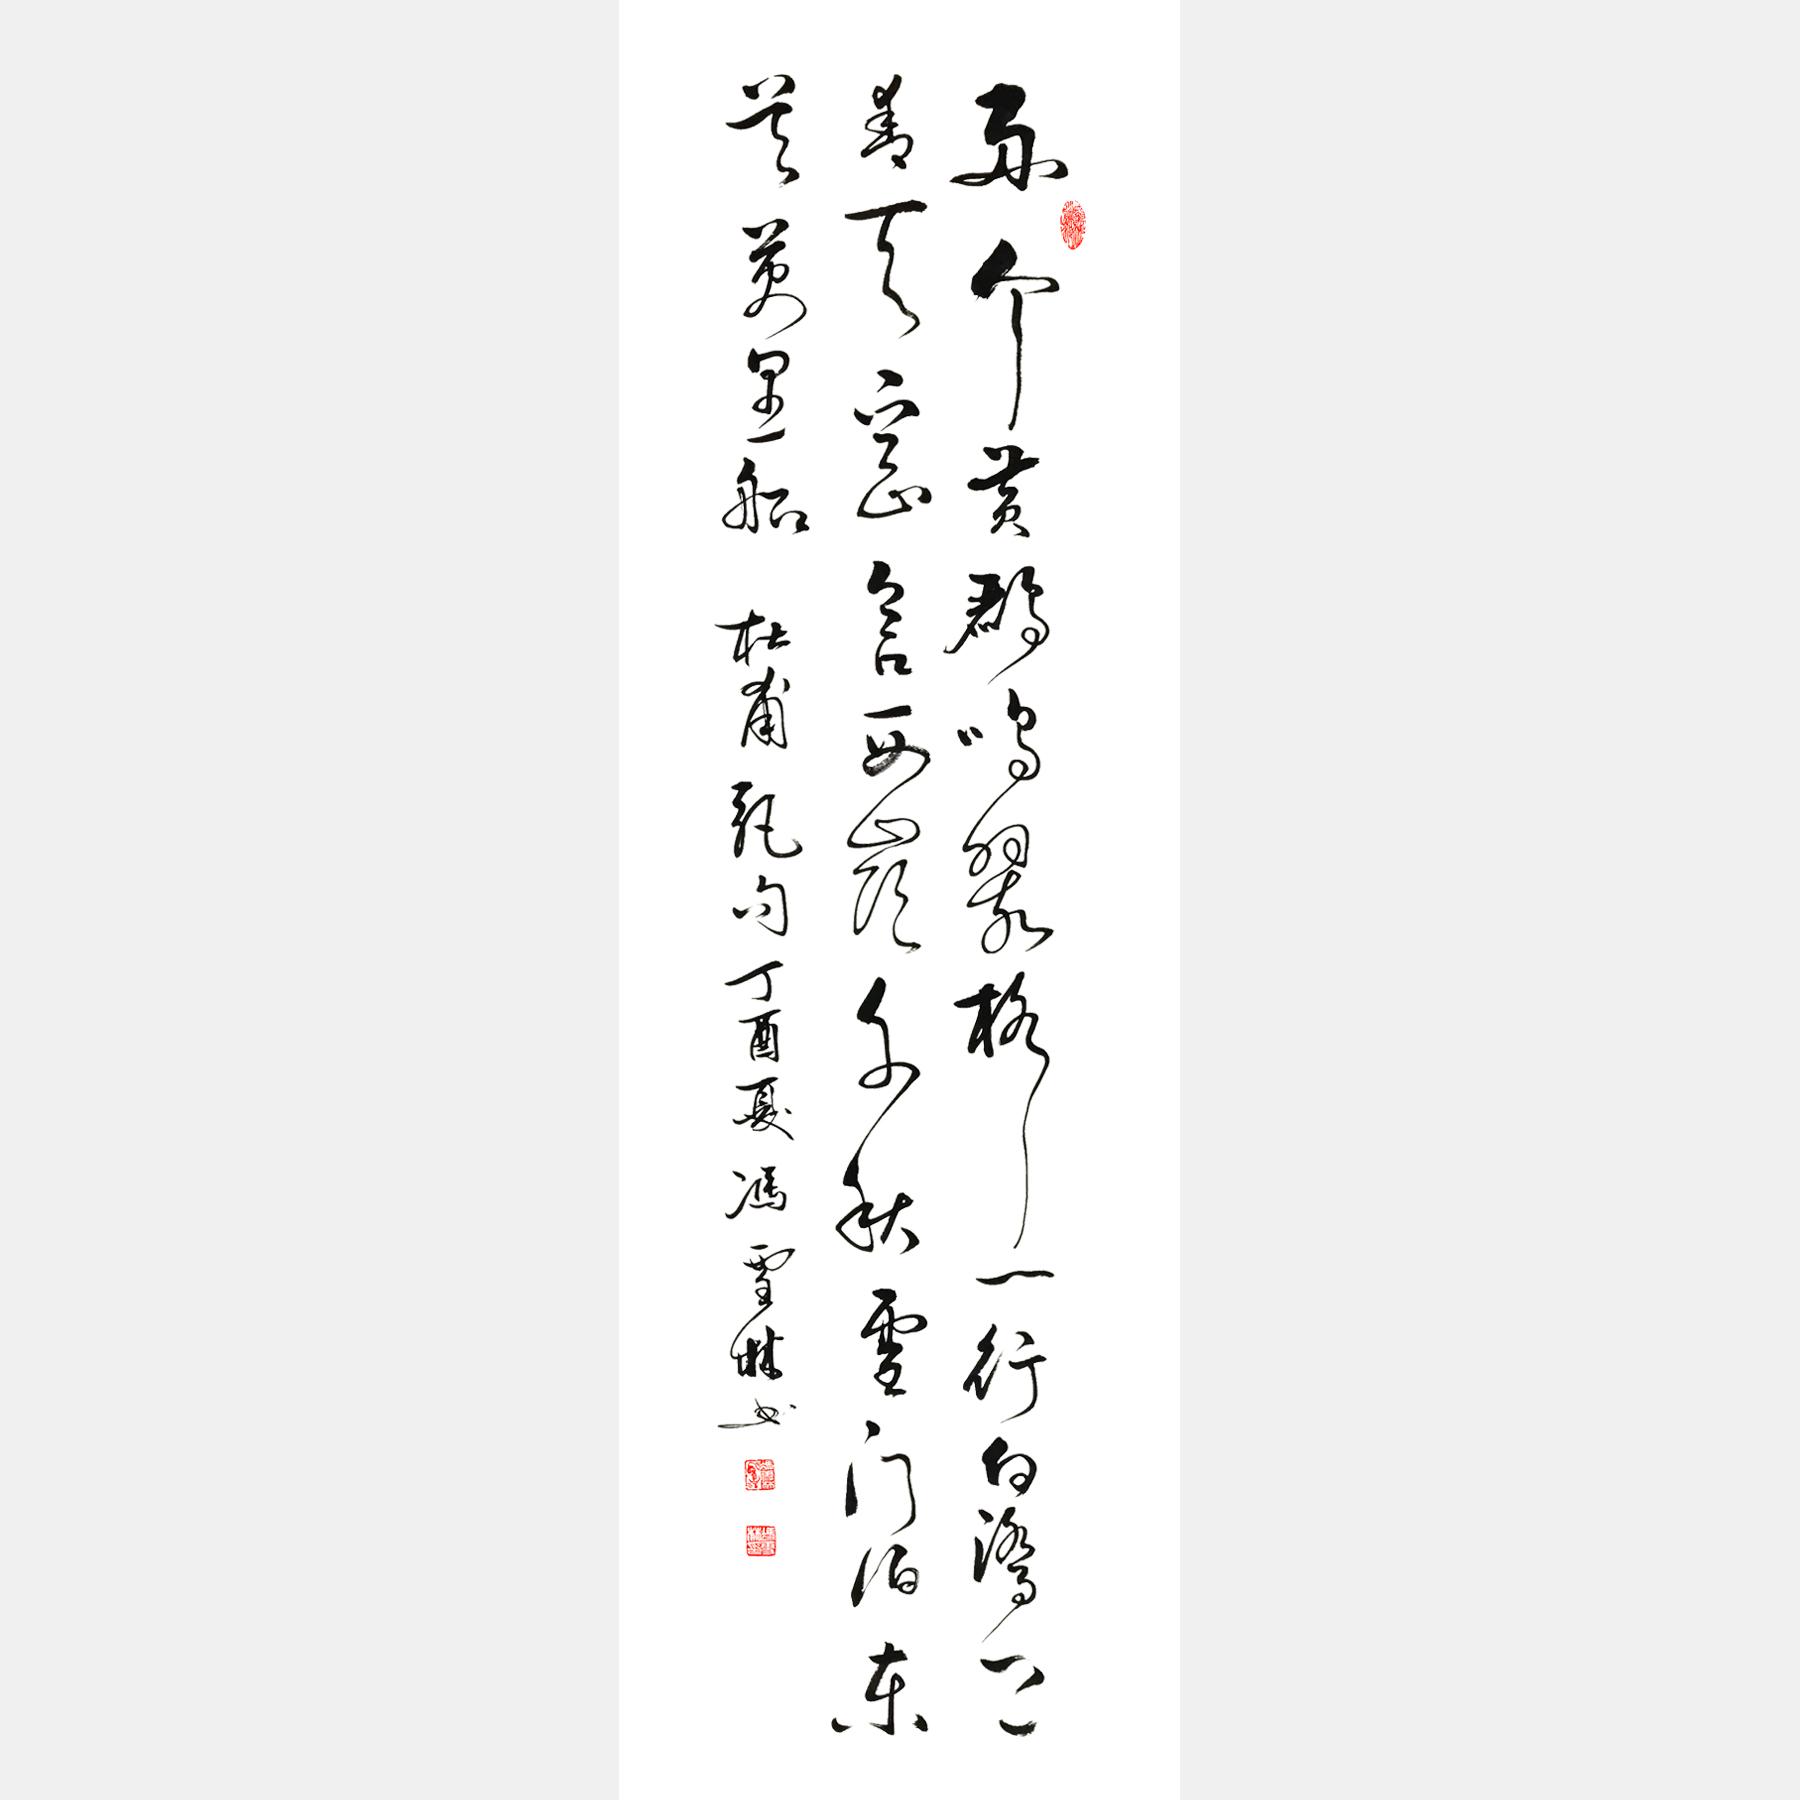 唐代杜甫《绝句》其三 两个黄鹂鸣翠柳 行书书法作品